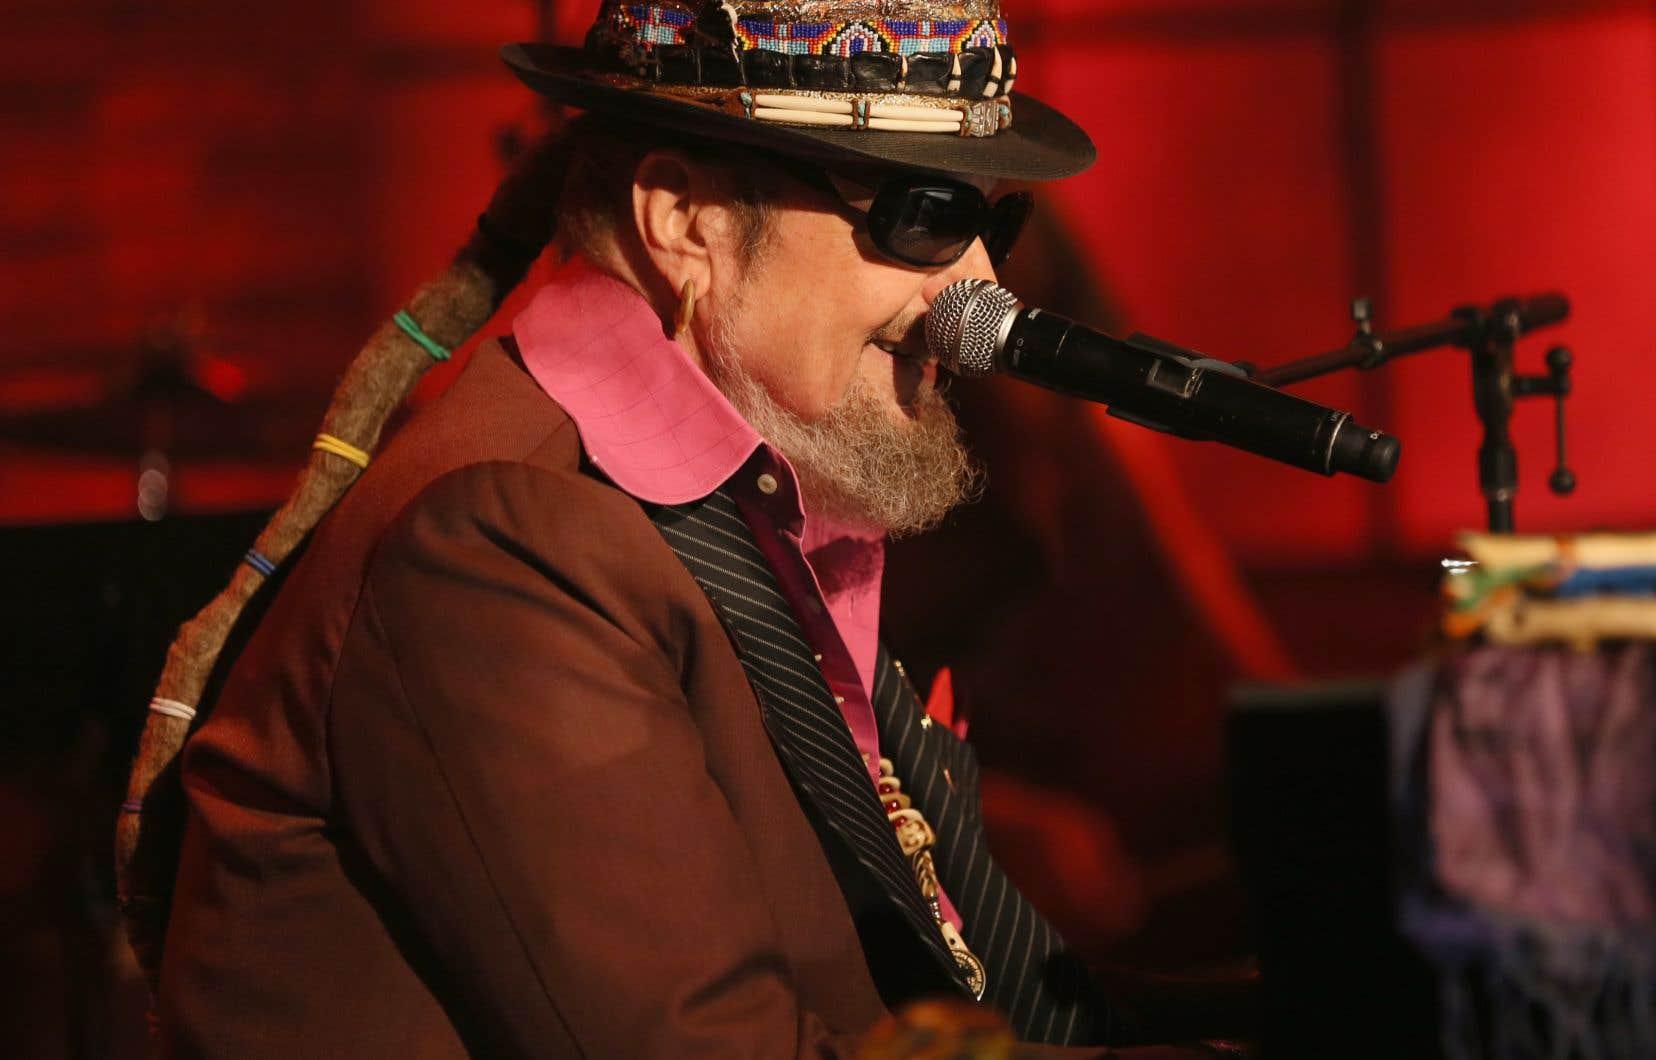 Dr. John lors de l'événement Skyville Live le 2 novembre 2016 à Nashville, Tennessee